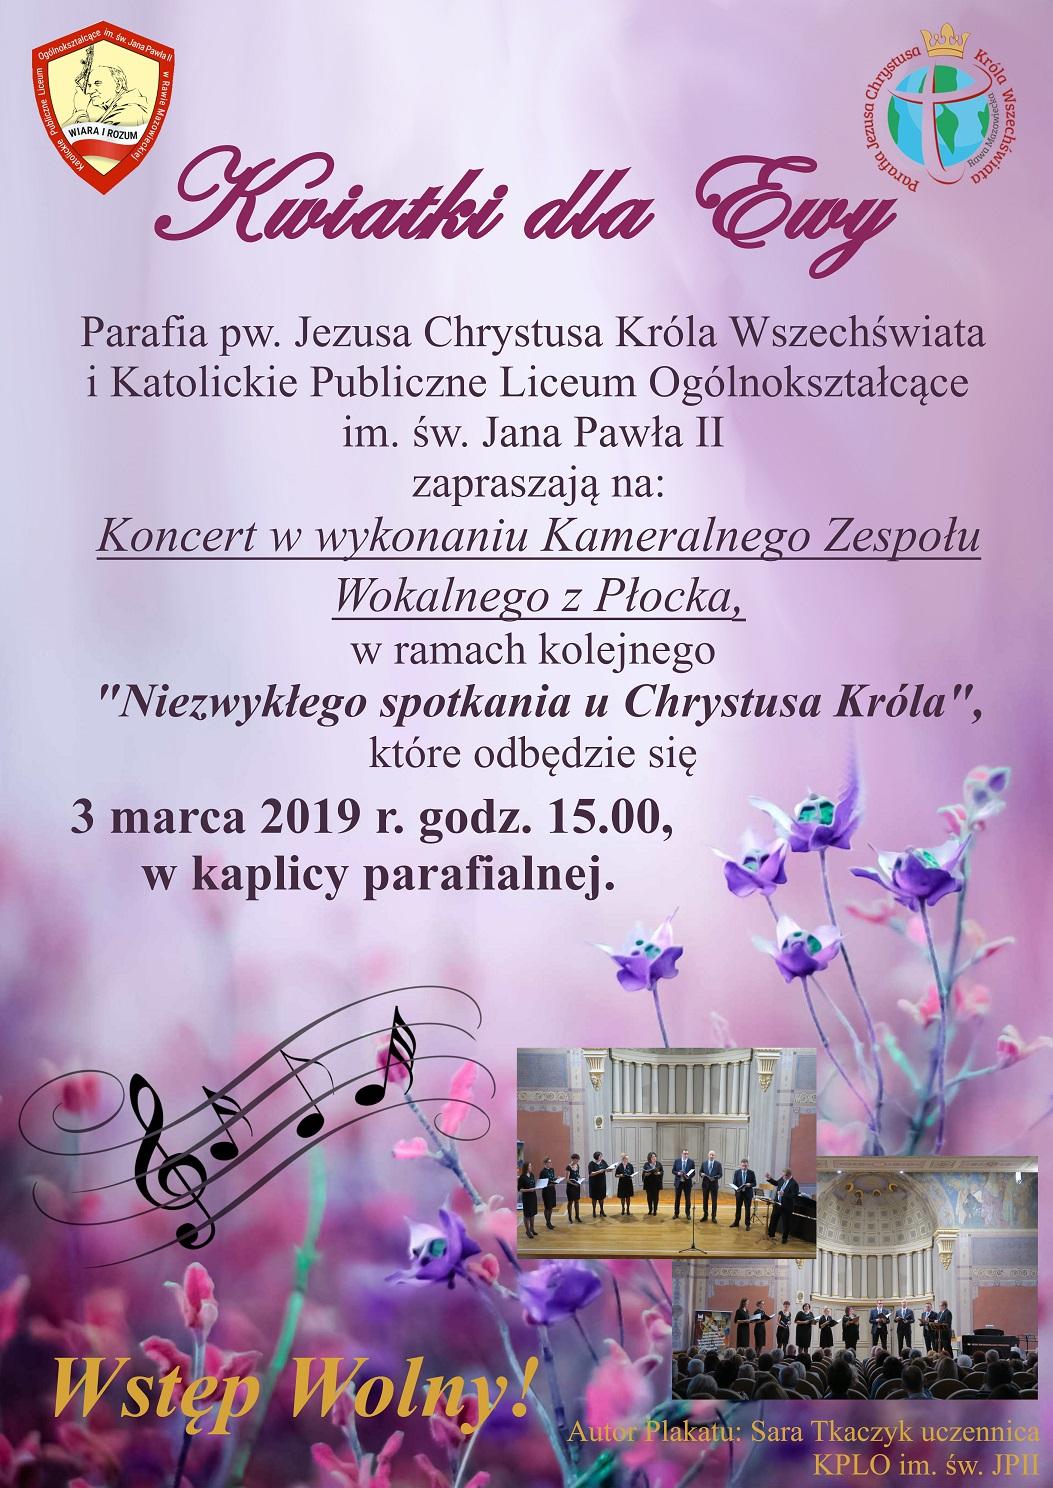 Koncert w kaplicy parafialnej na Sójczym 3 marca 2019 r.